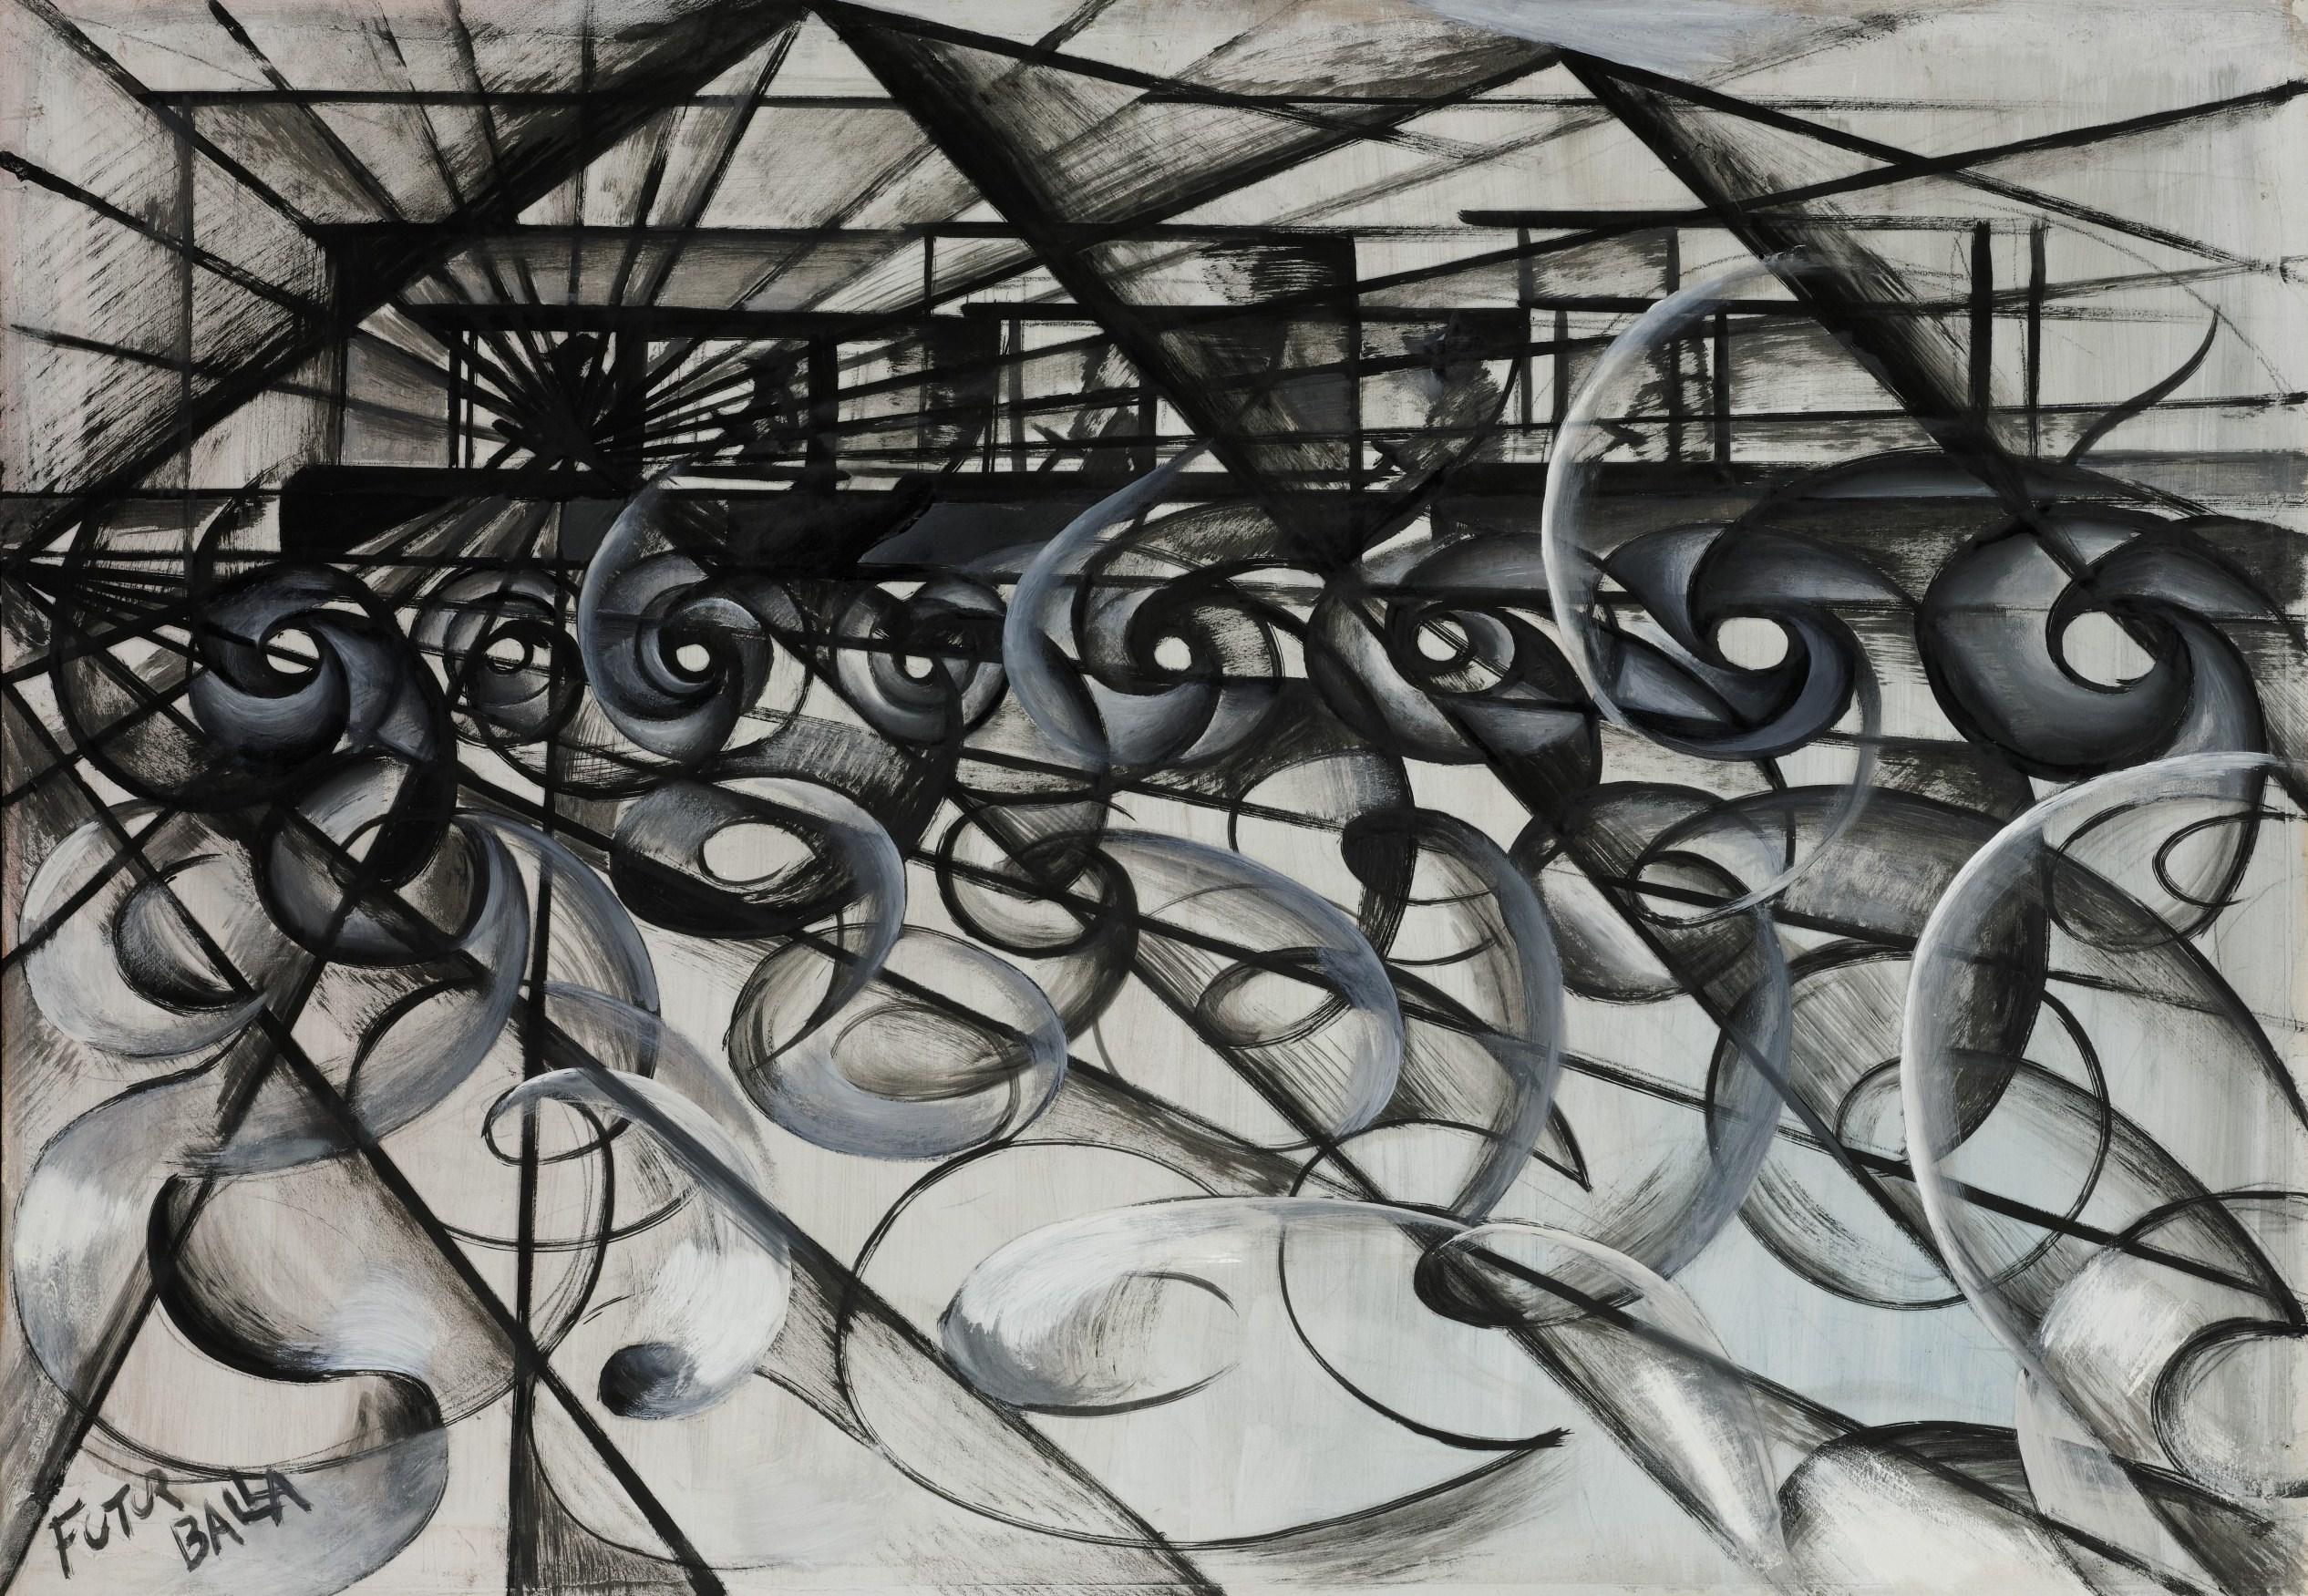 Capolavori Futuristi in asta a New York da Sotheby's